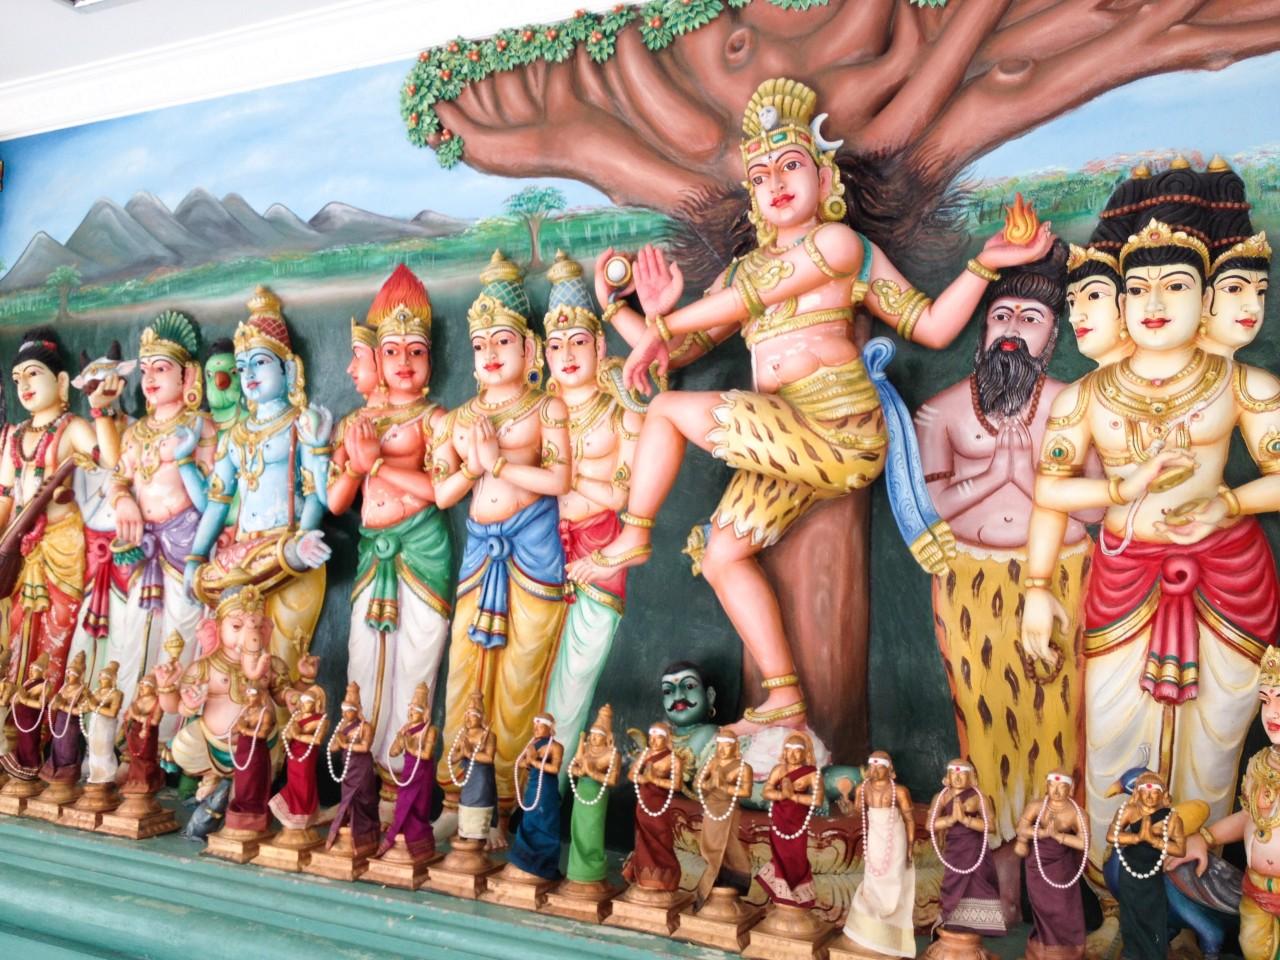 教 ヒンドゥー インドの宗教ヒンドゥー教とは?【簡単に解説!】 BHARAT MEMO